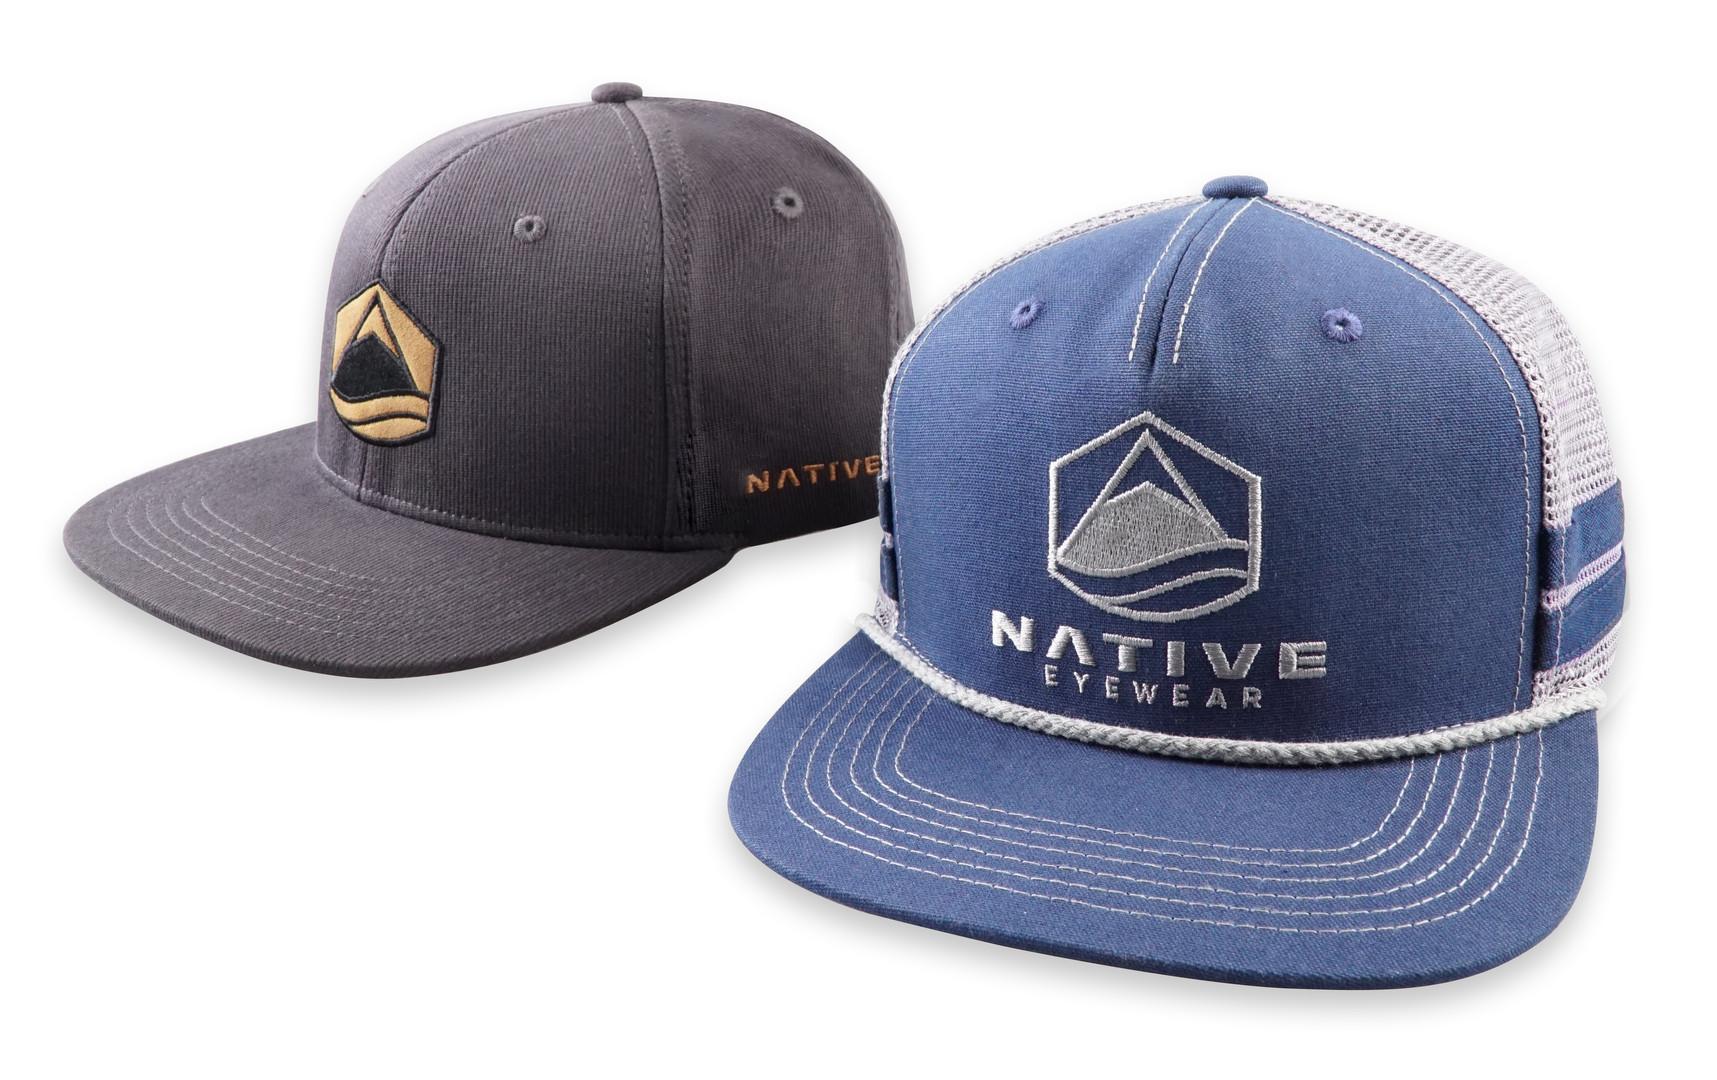 Native Eyewear Hats